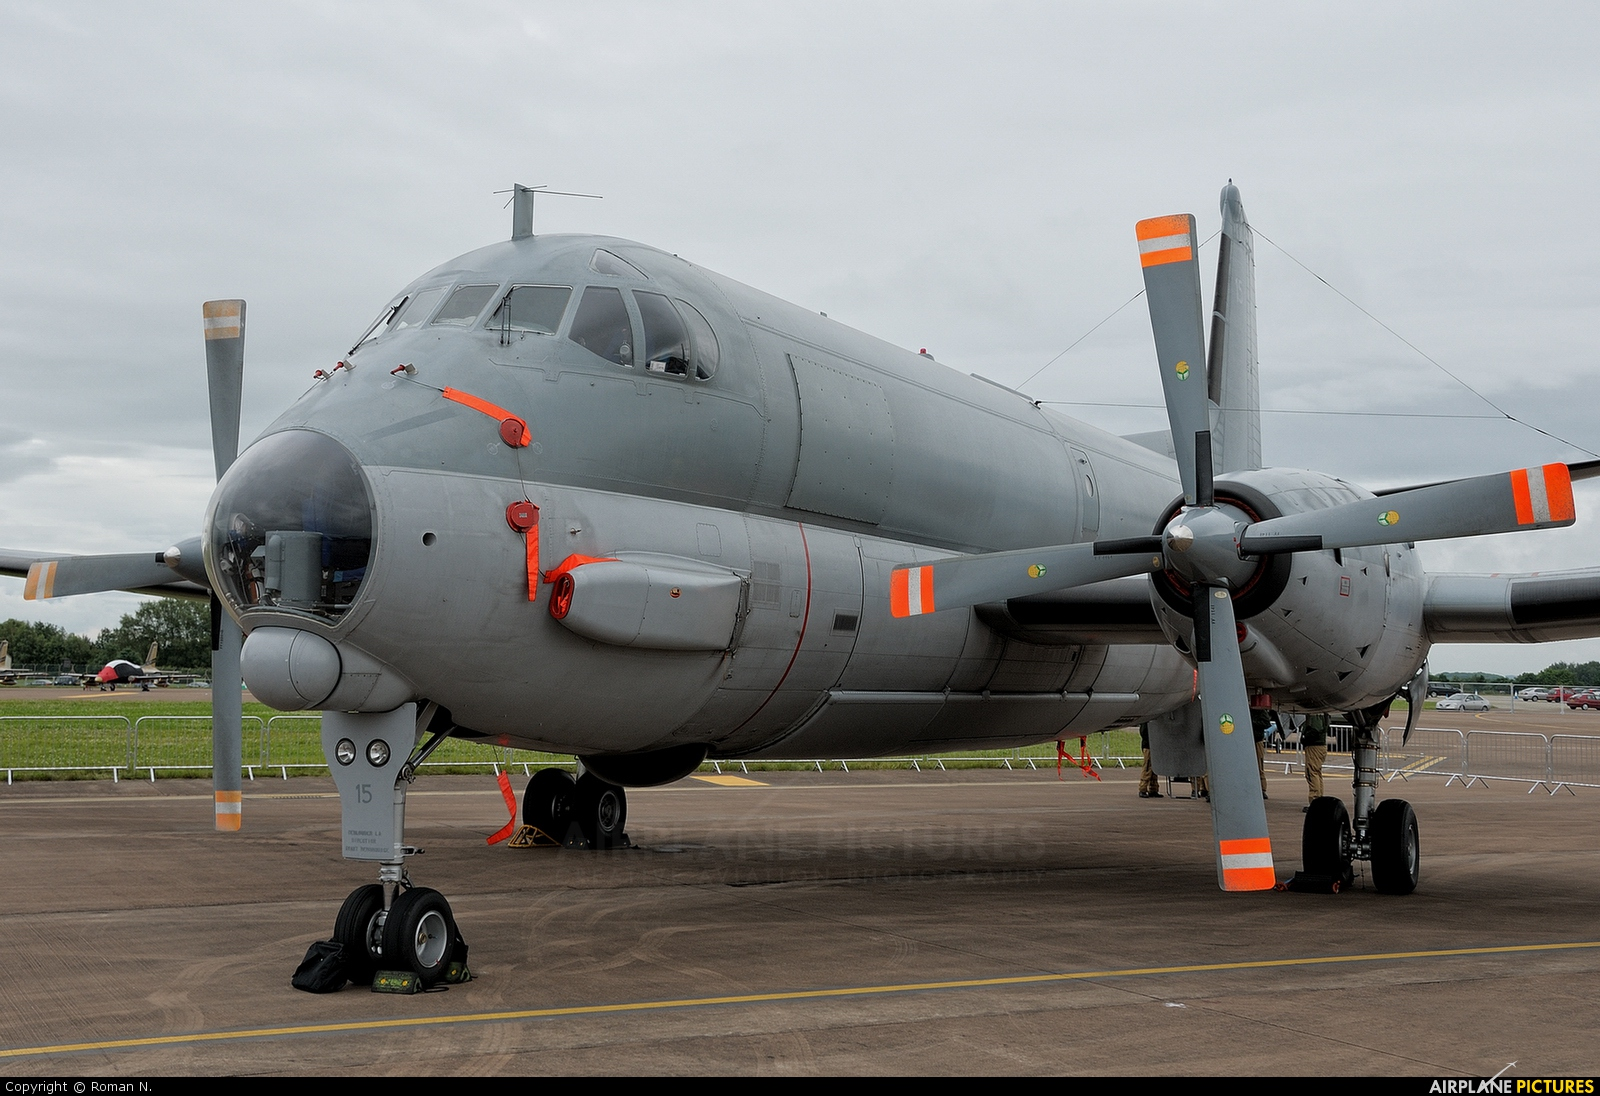 France - Navy 15 aircraft at Fairford